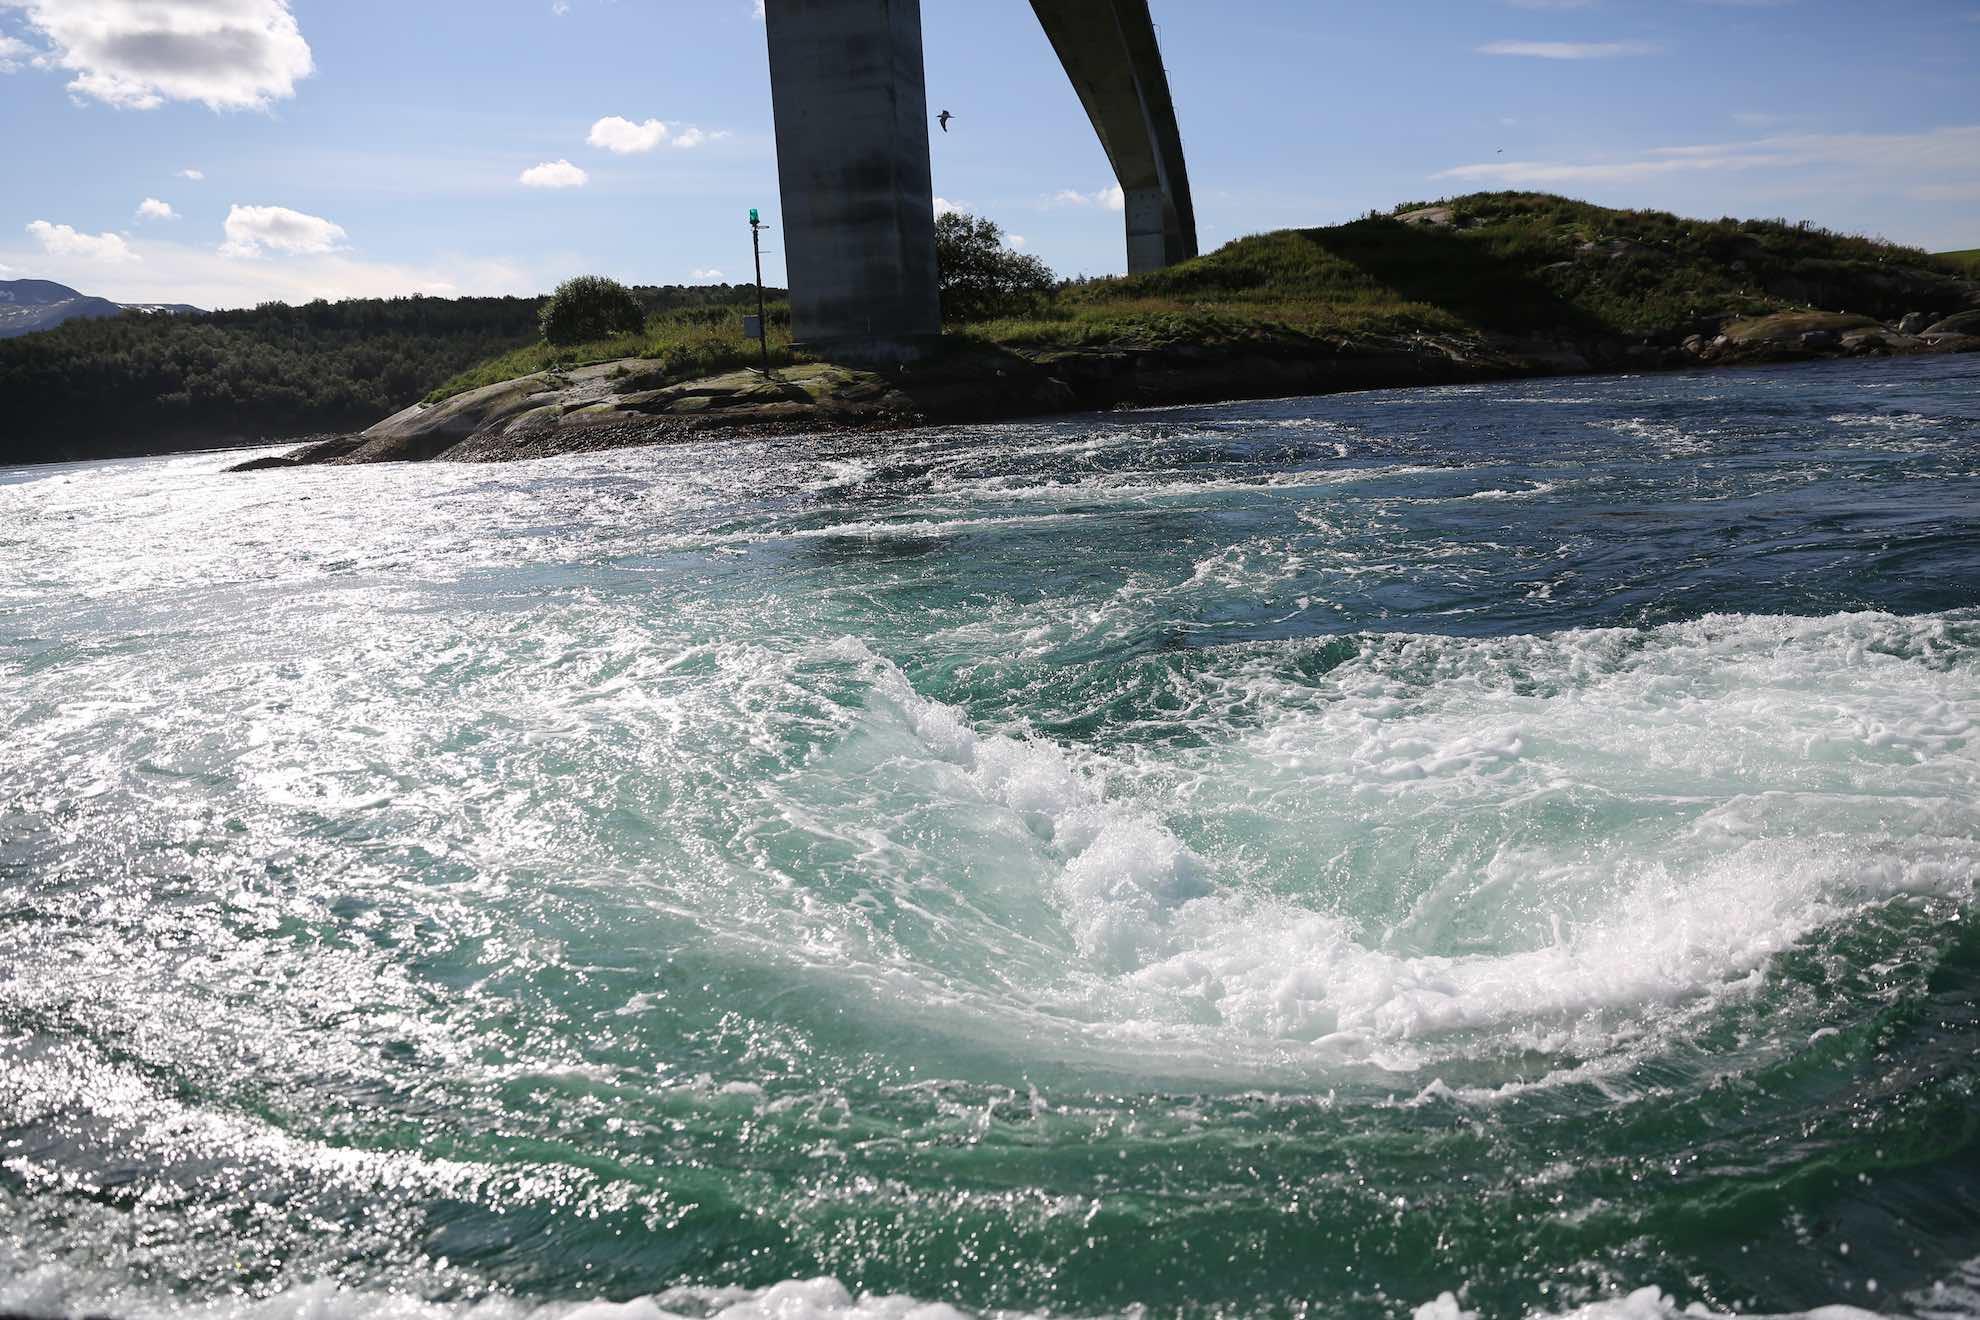 Der Saltstraumen südöstlich von Bodø ist einer der stärksten Gezeitenströme der Welt. Er fließt mit über 20 Knoten.